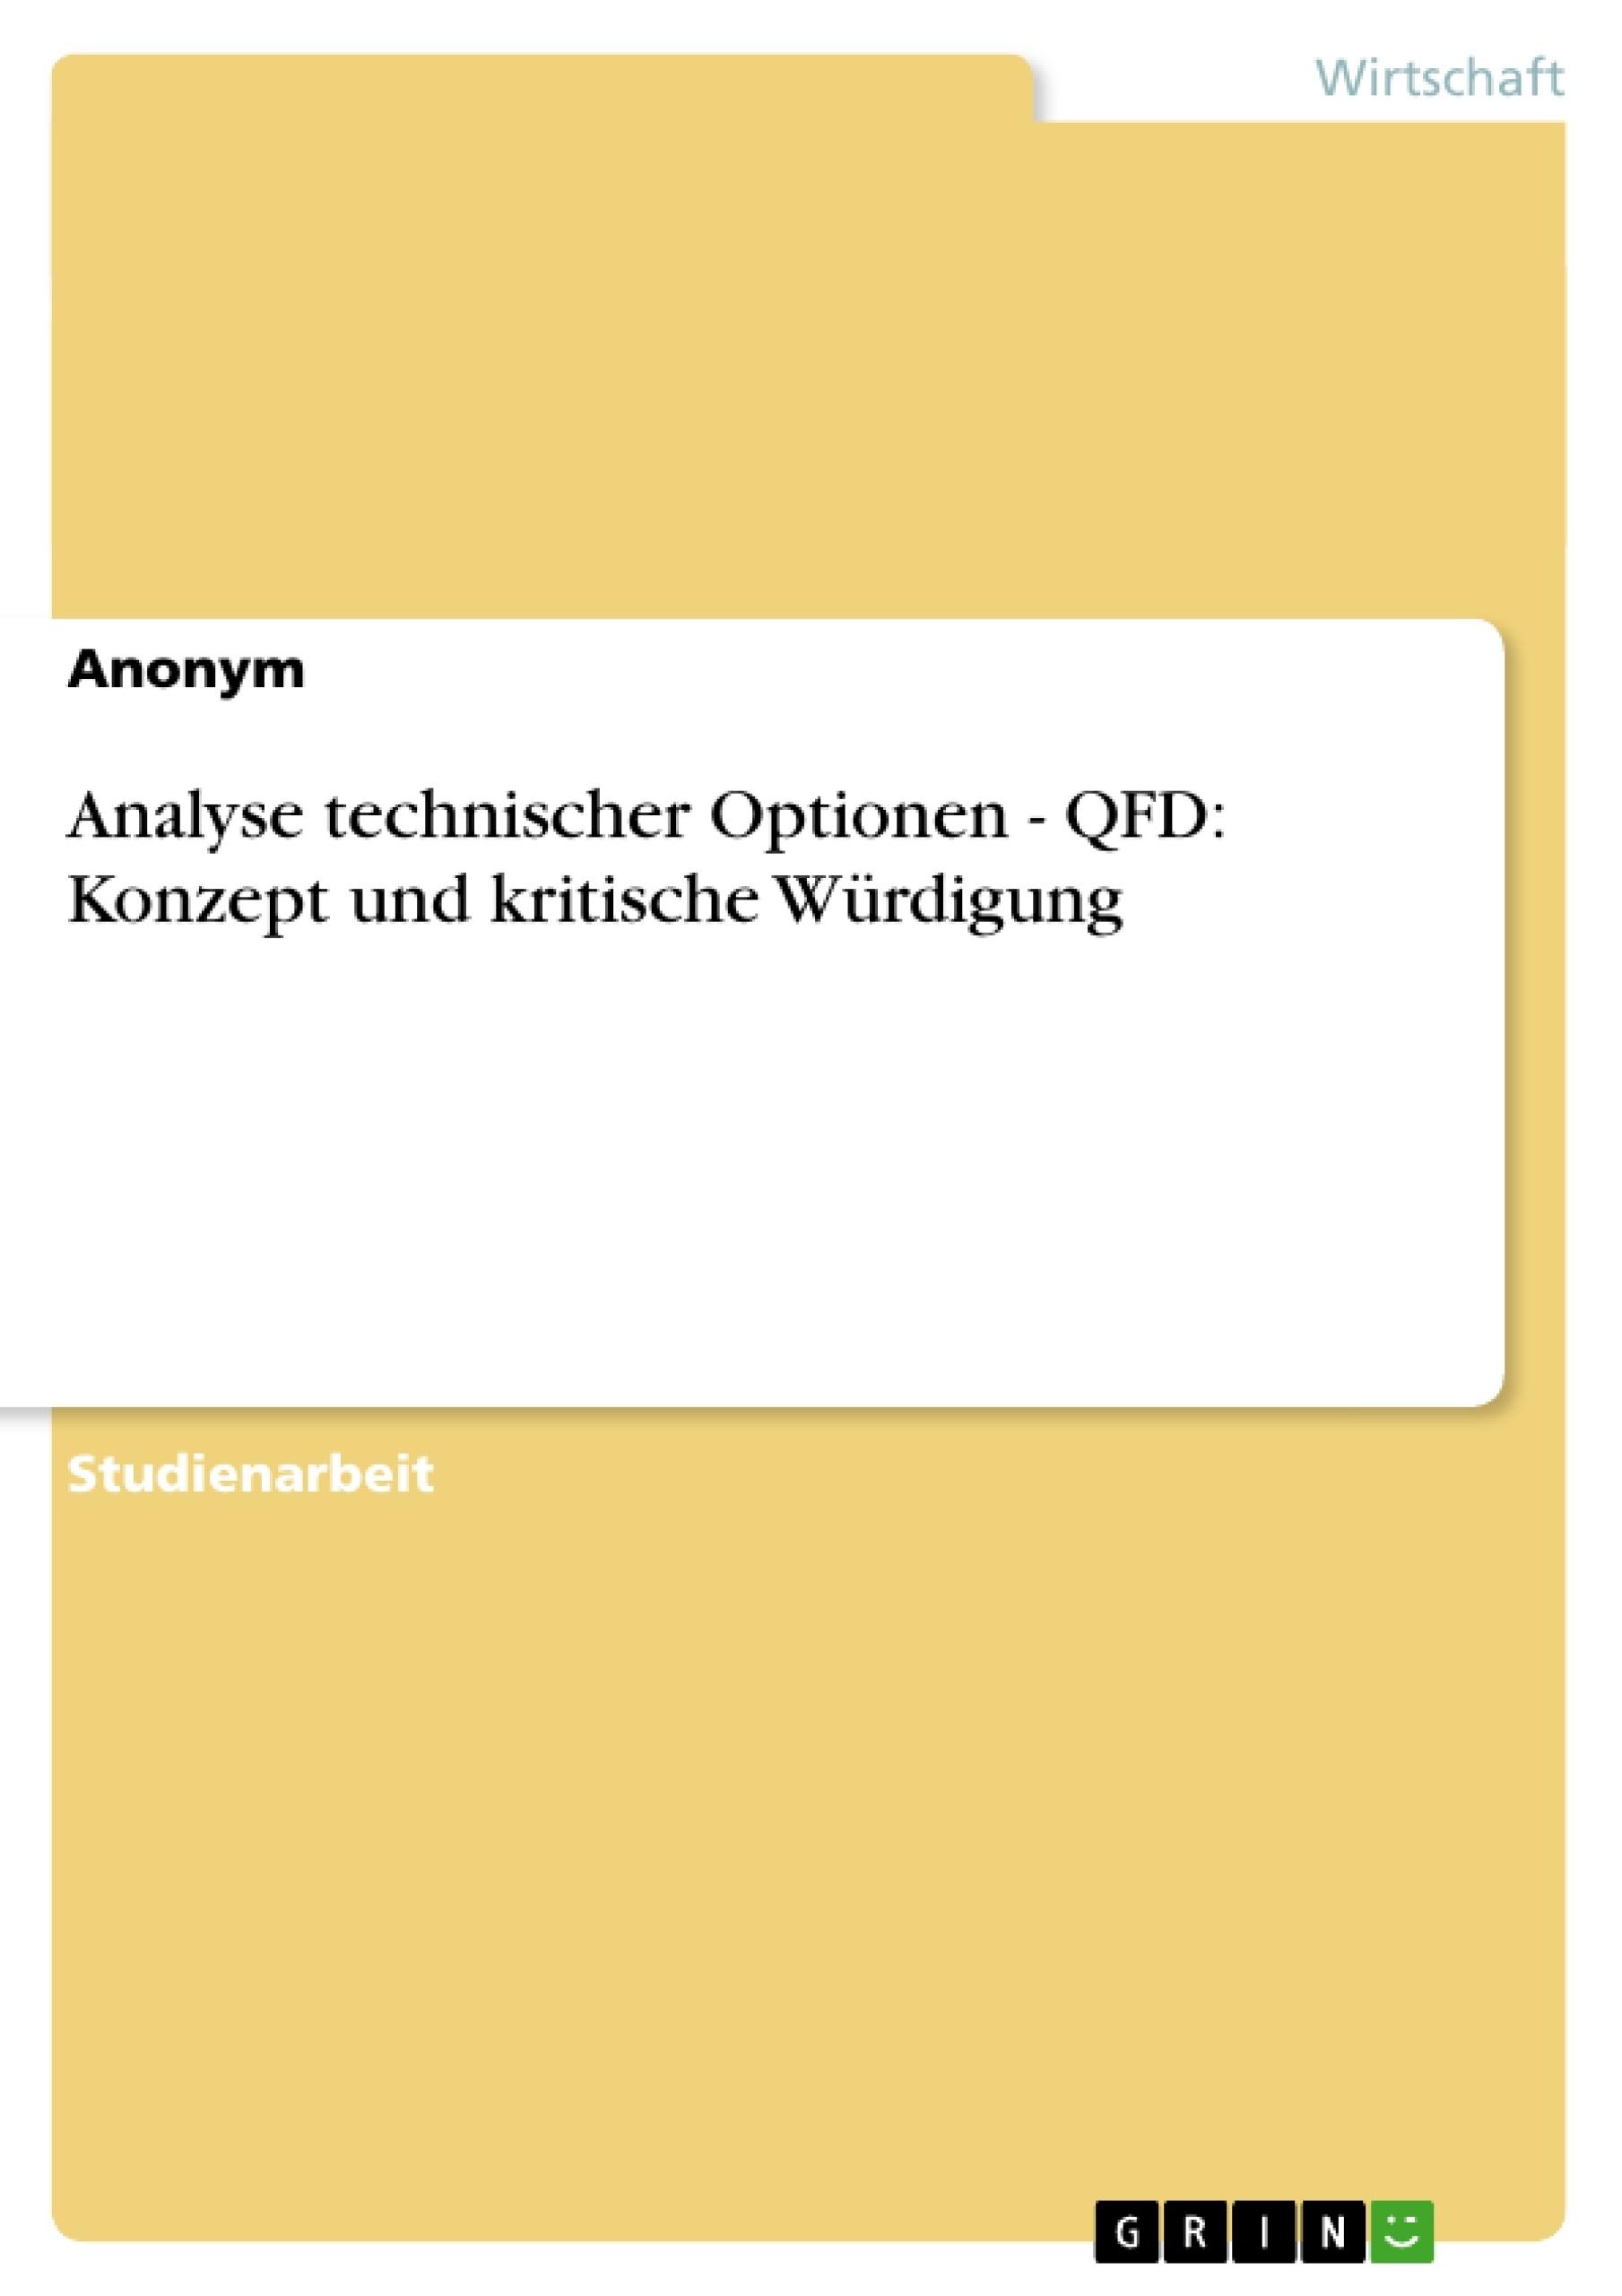 Titel: Analyse technischer Optionen - QFD: Konzept und kritische Würdigung